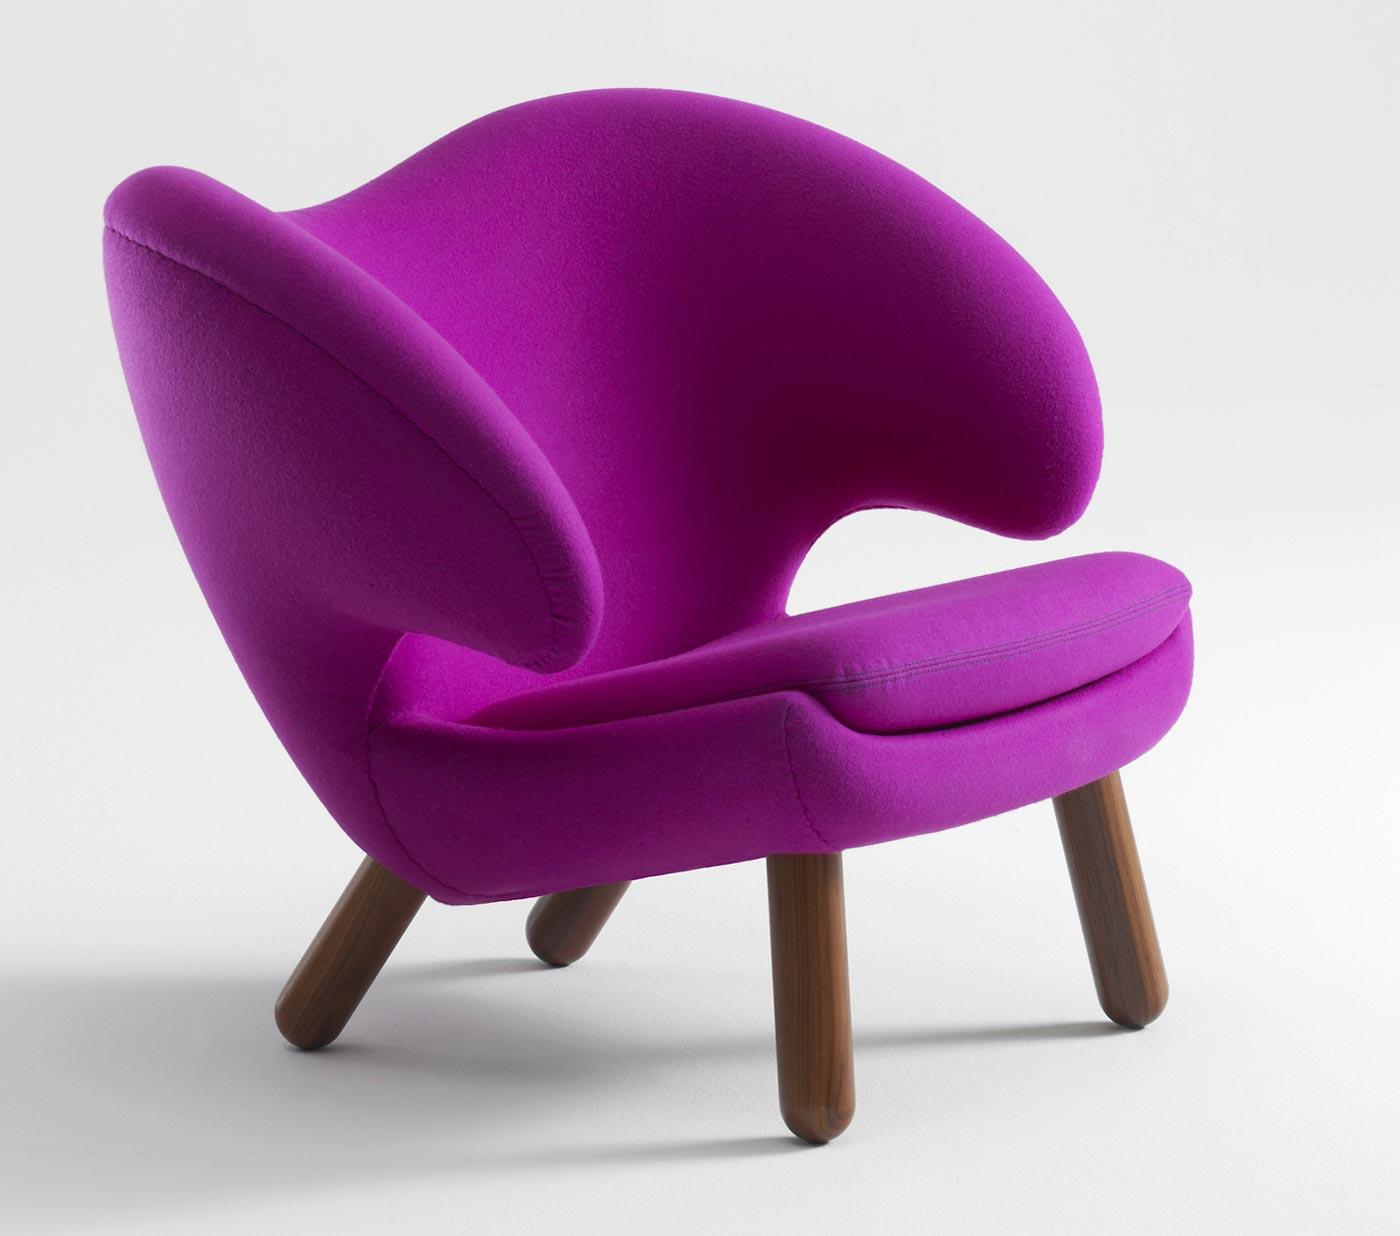 Yardımcı bir ipucu: sandalyeyi nasıl kullanacaksınız